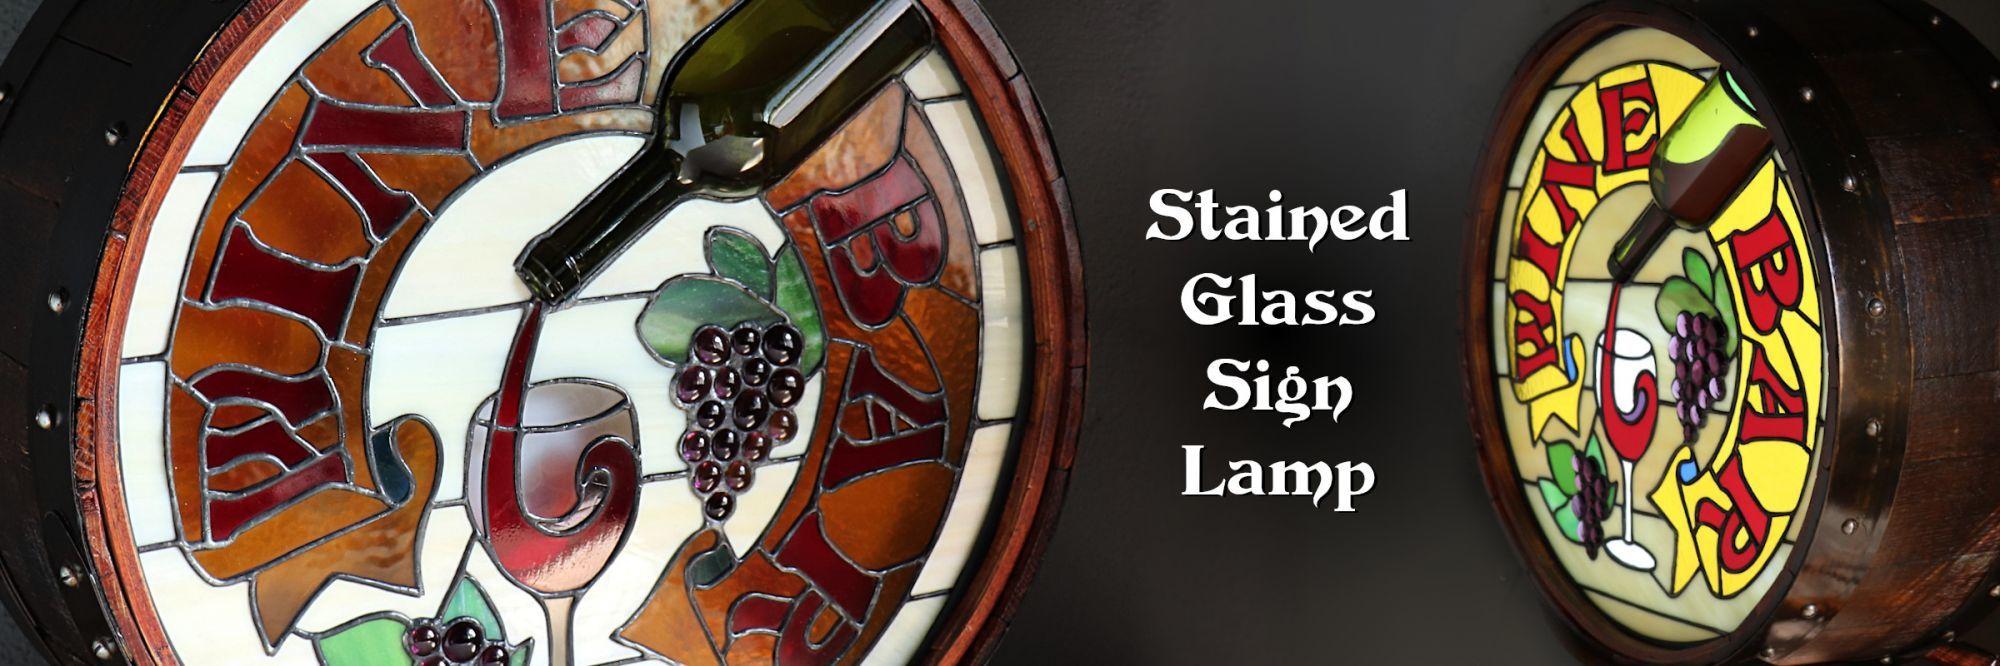 ステンドグラス看板照明ワインバー WINE BAR Stained Glass Sign Lamp